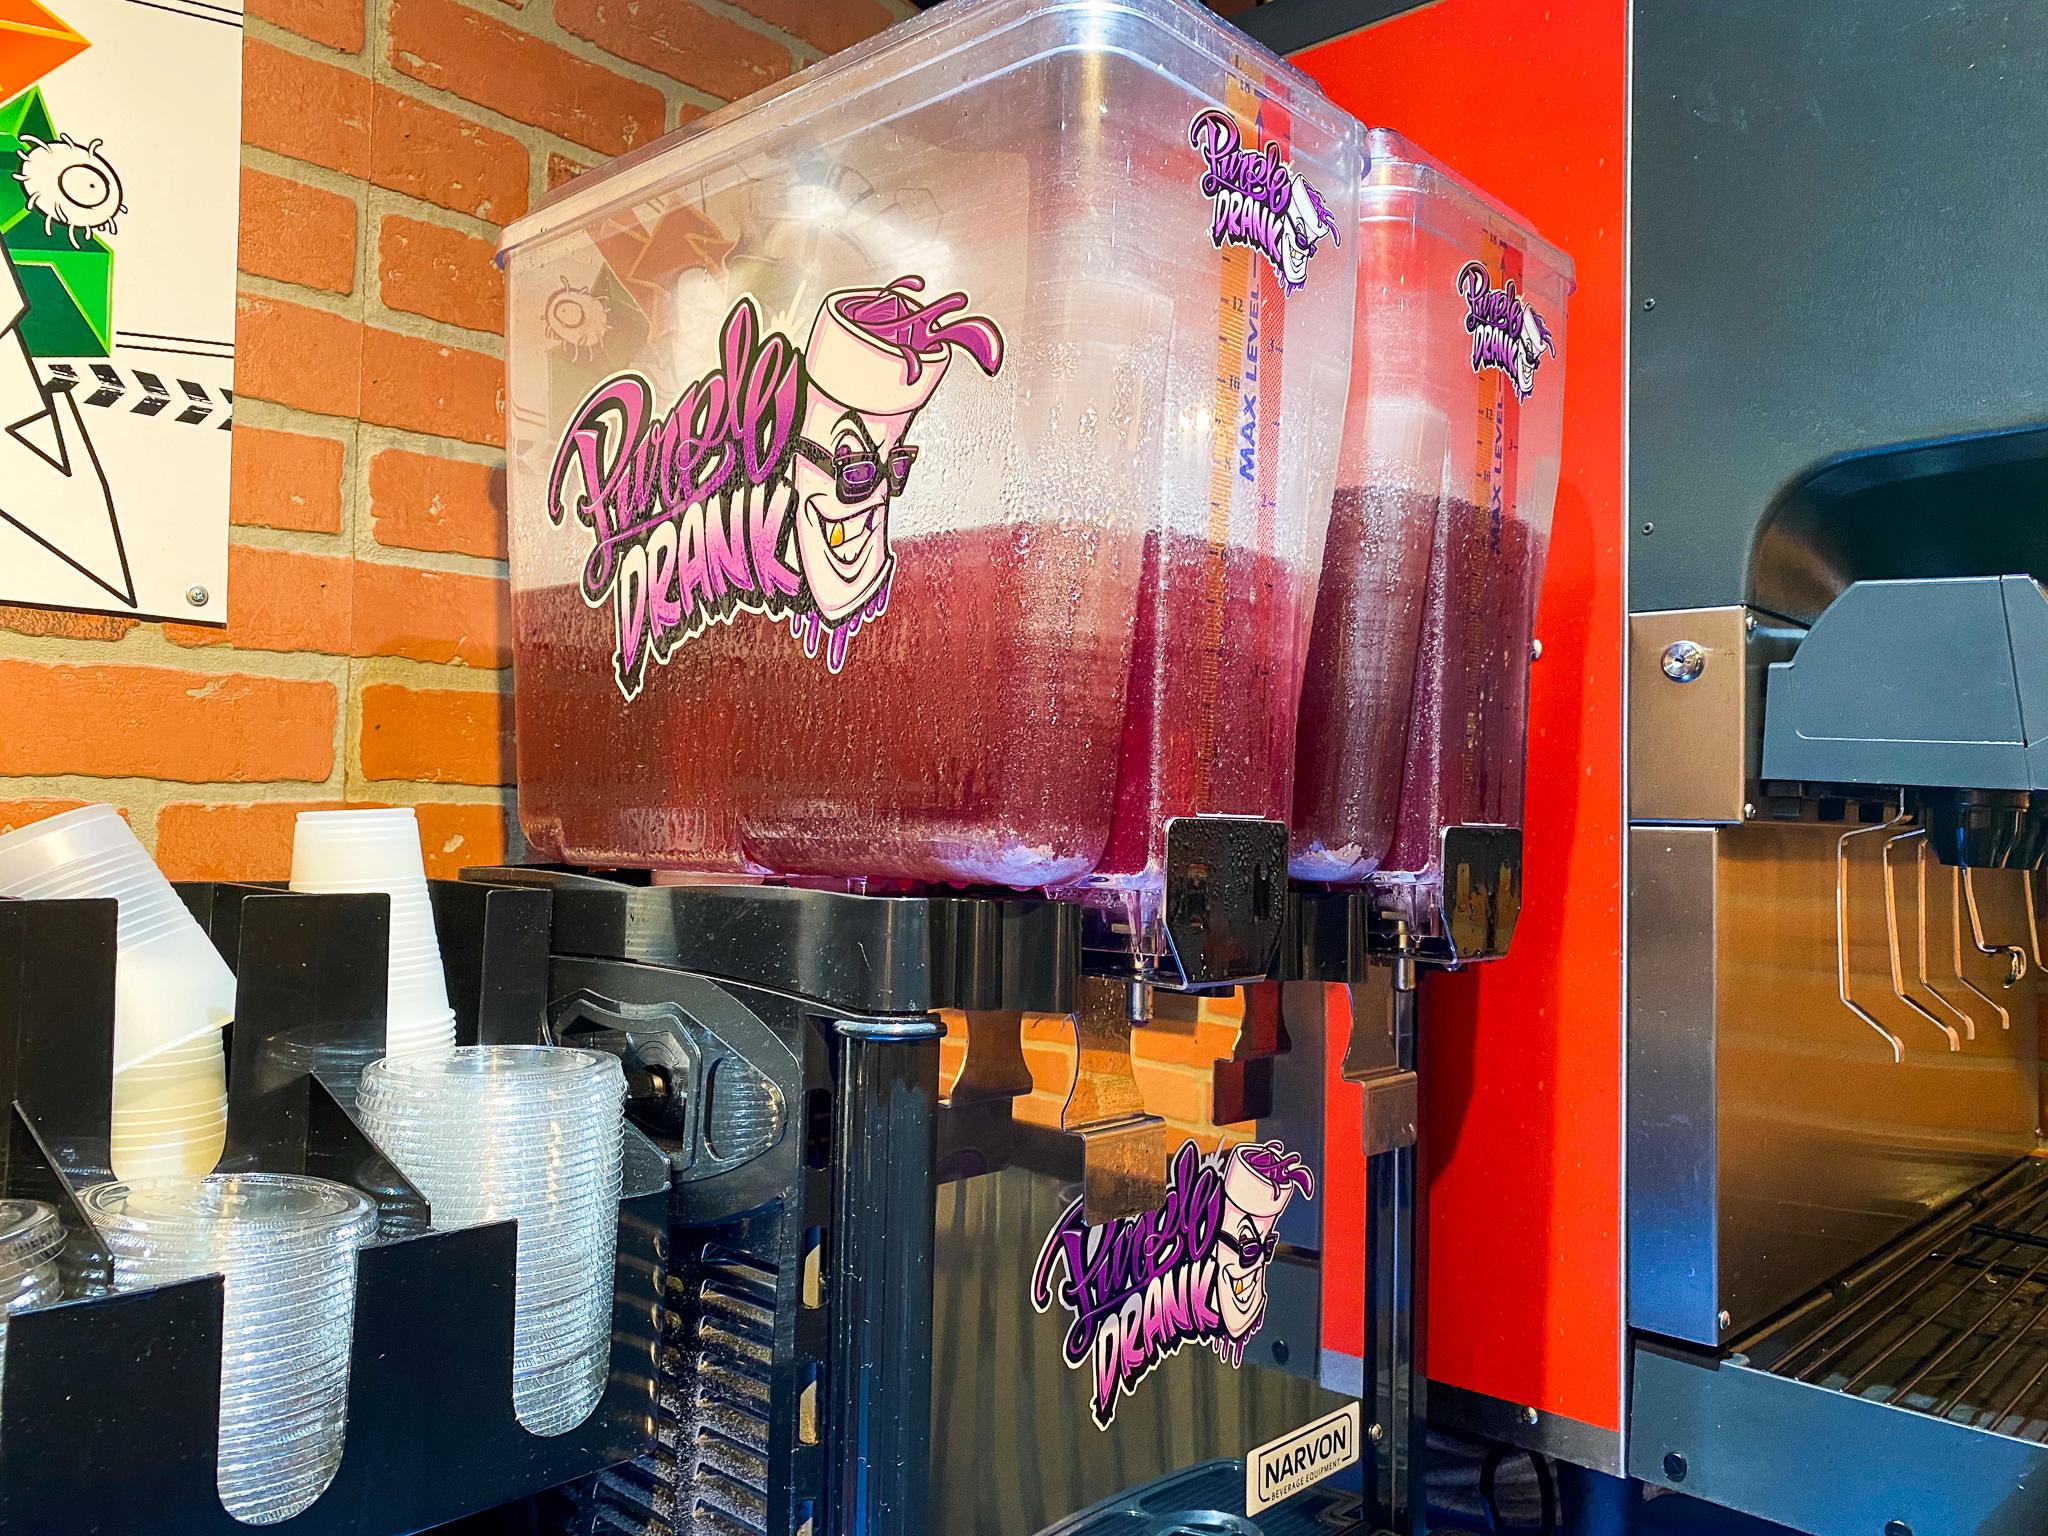 Fo' Cheezy Twisted Meltz Purple Drank